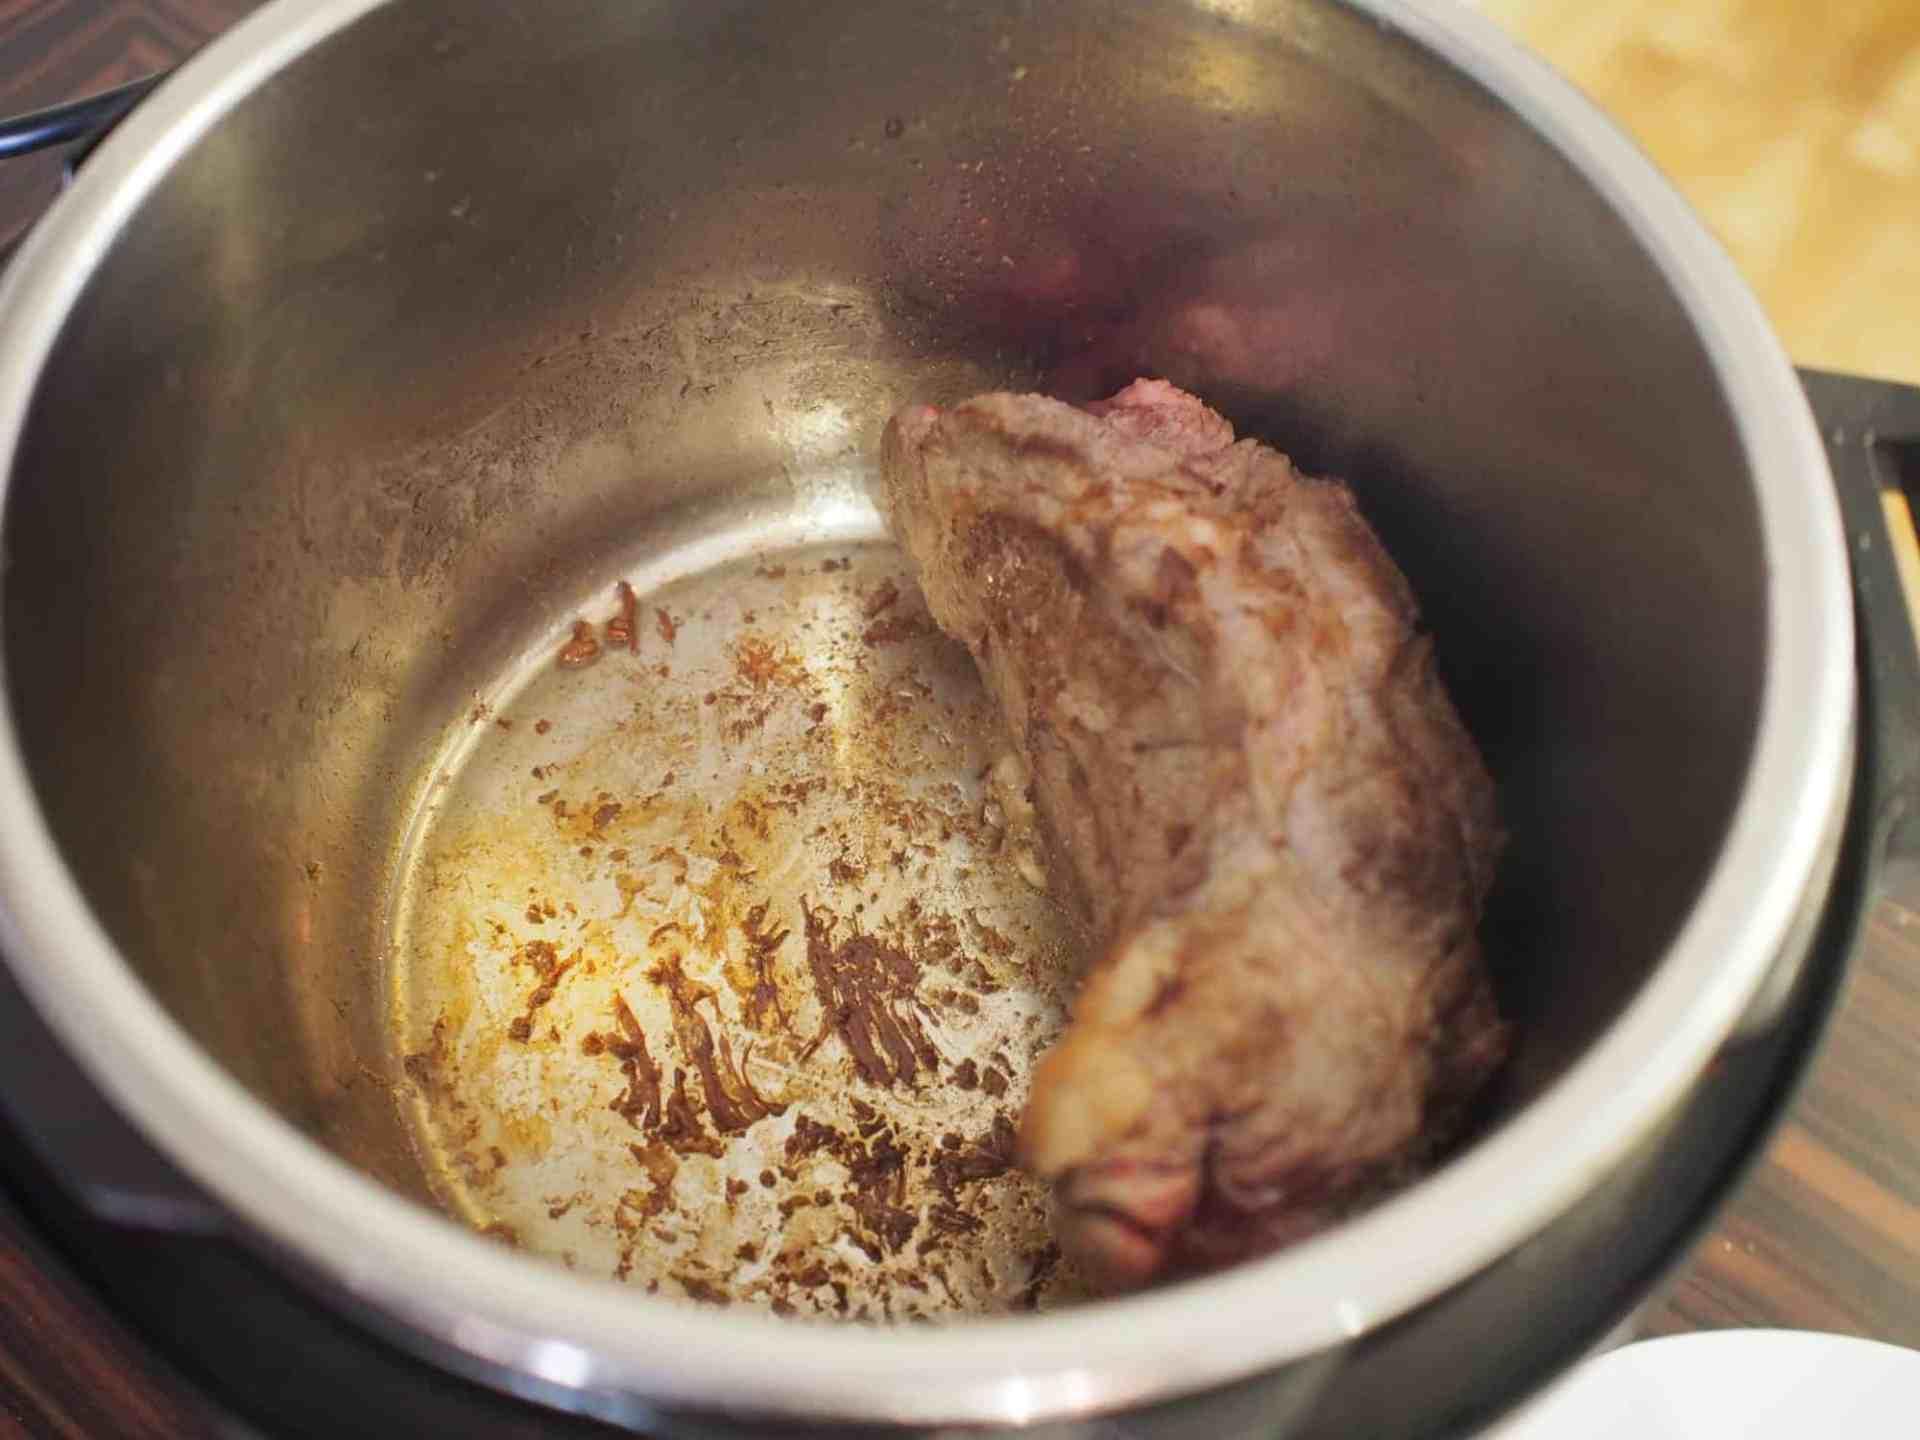 Instant Pot recette boeuf sauté